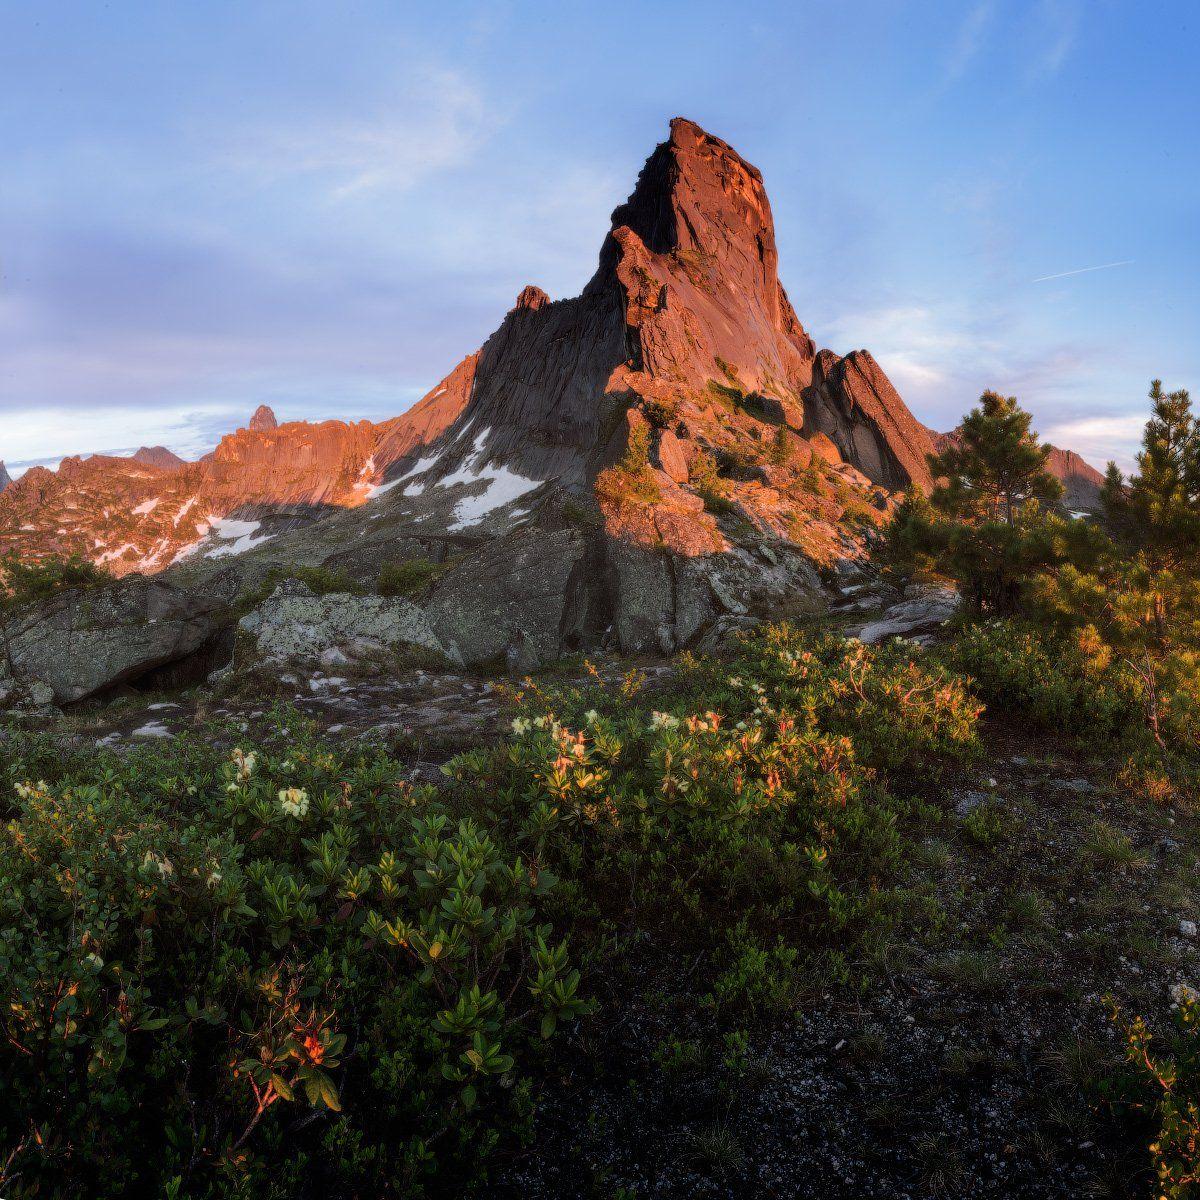 Национальный парк Ергаки, Рафаэль Гатиятуллин